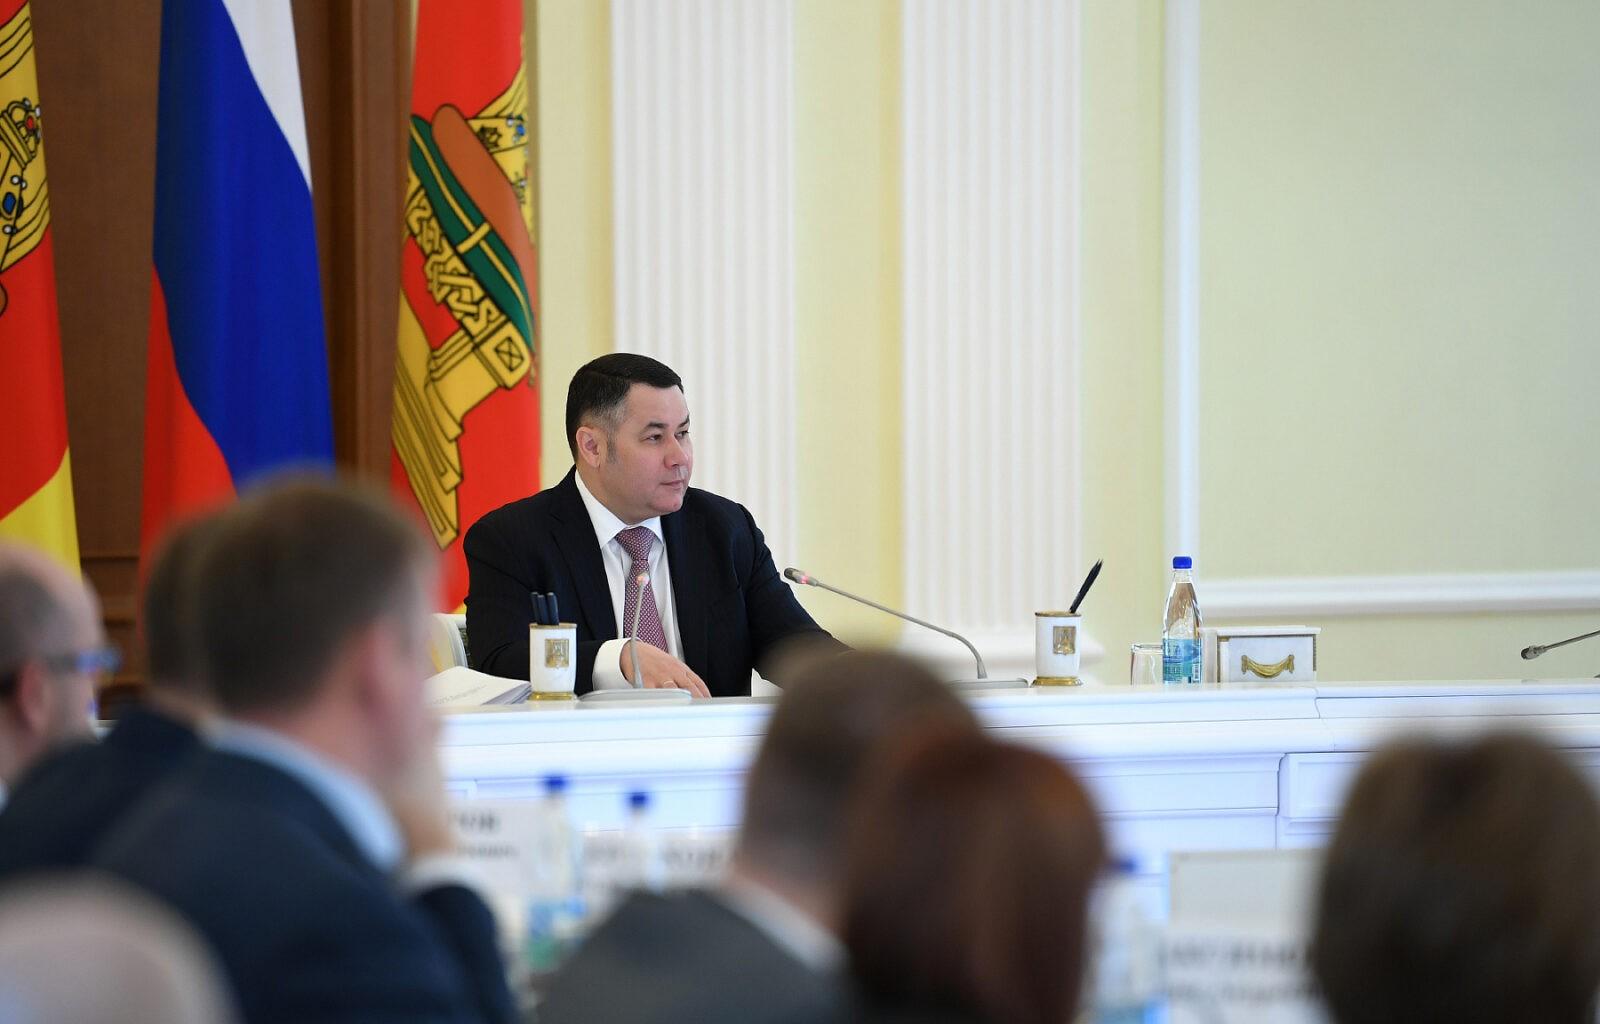 Губернатор ввел мораторий на повышение арендной платы за пользование госимуществом региона